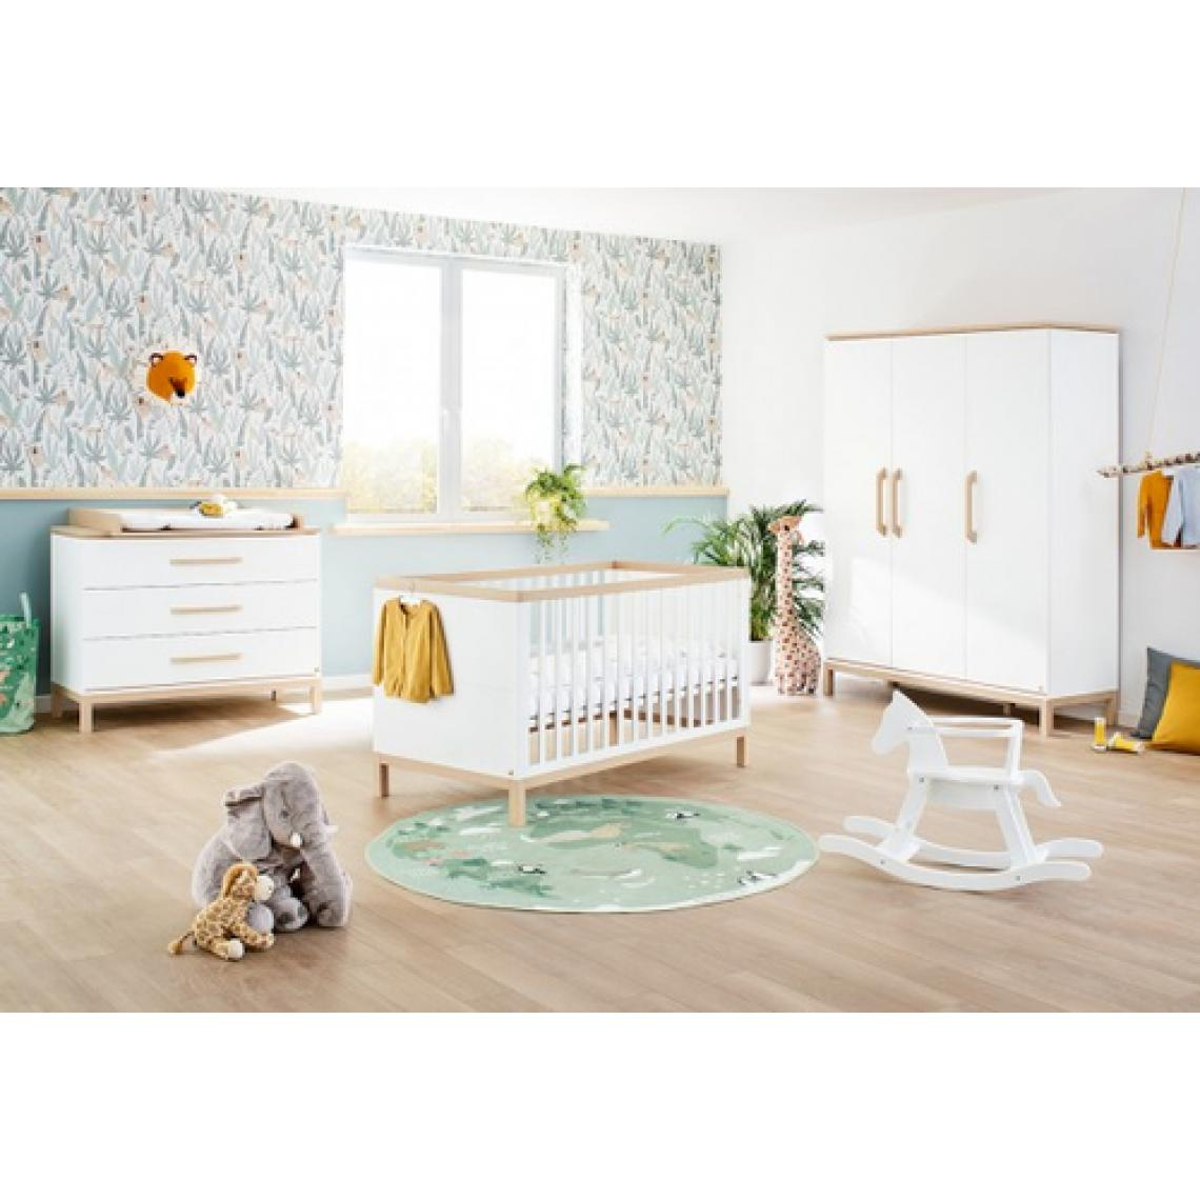 Pinolino Pinolino Chambre de bébé Light 3 pièces lit de bébé évolutif commode à langer large armoire grande